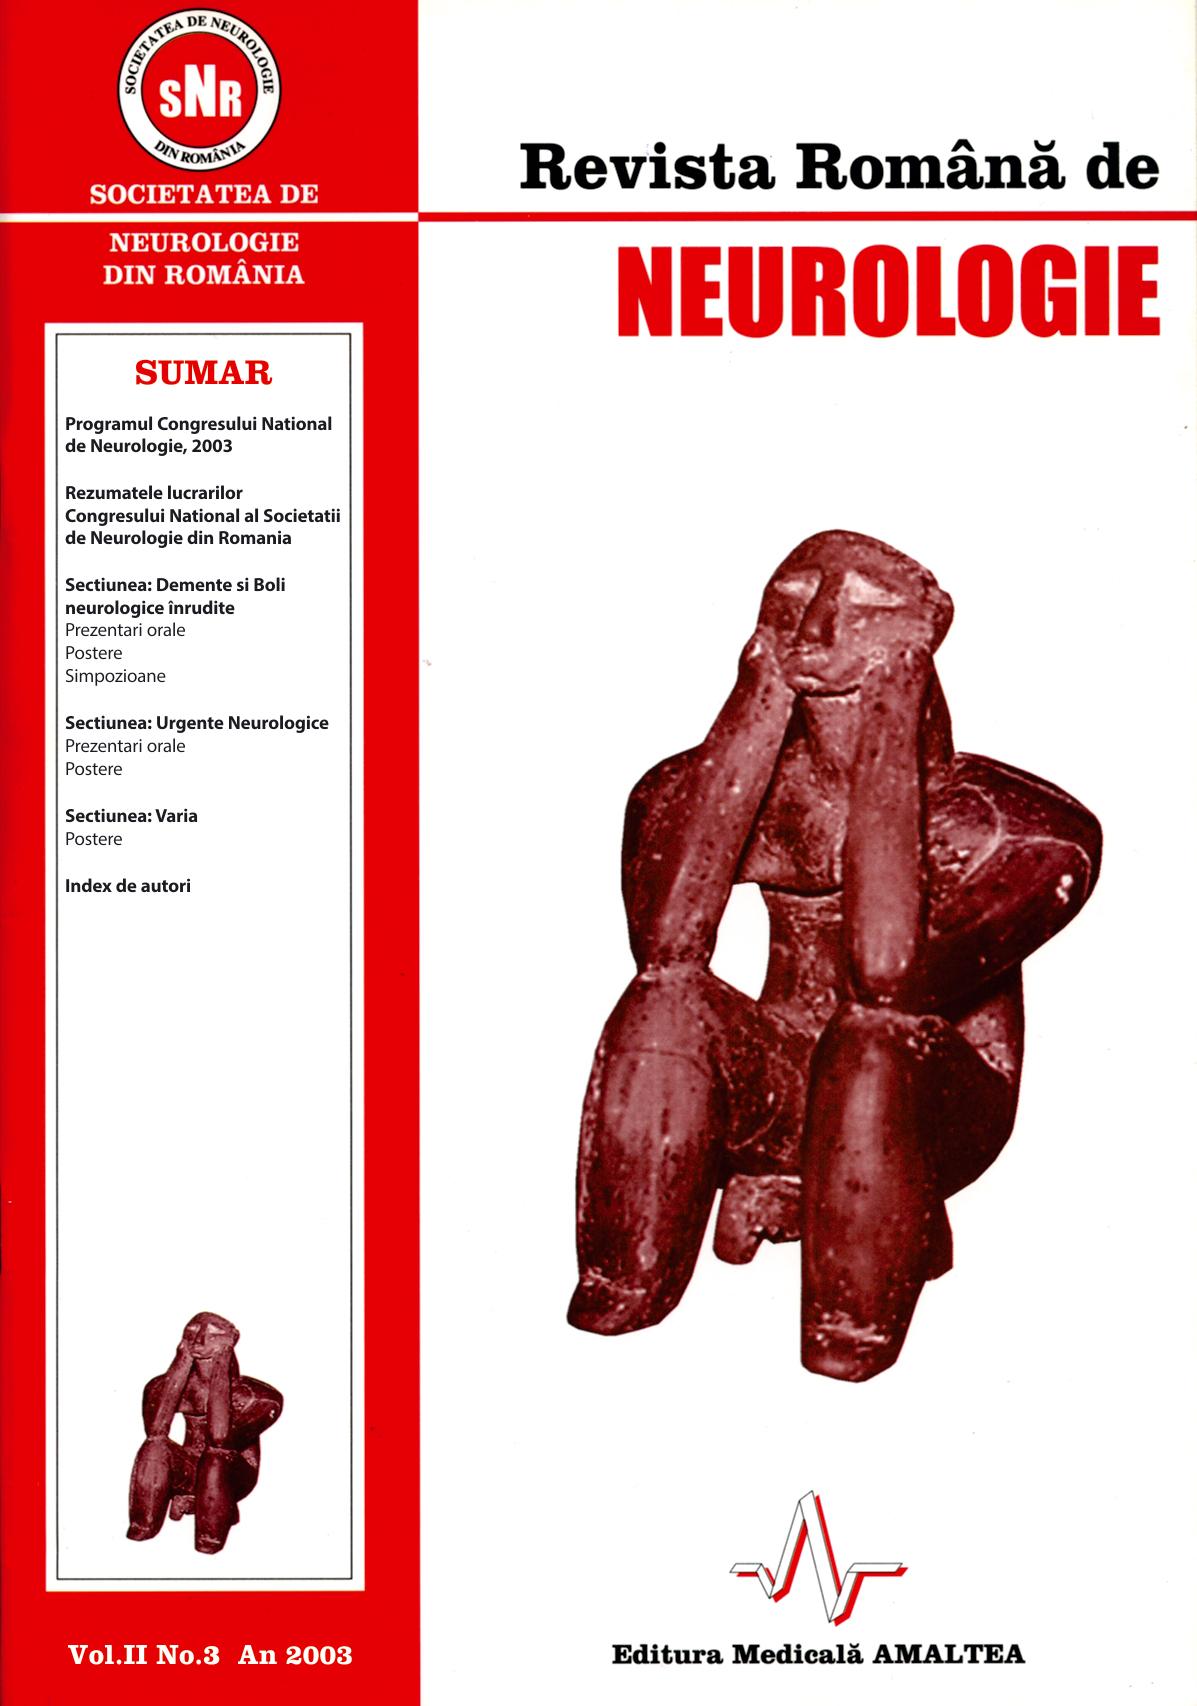 Romanian Journal of Neurology, Volume II, No. 3, 2003